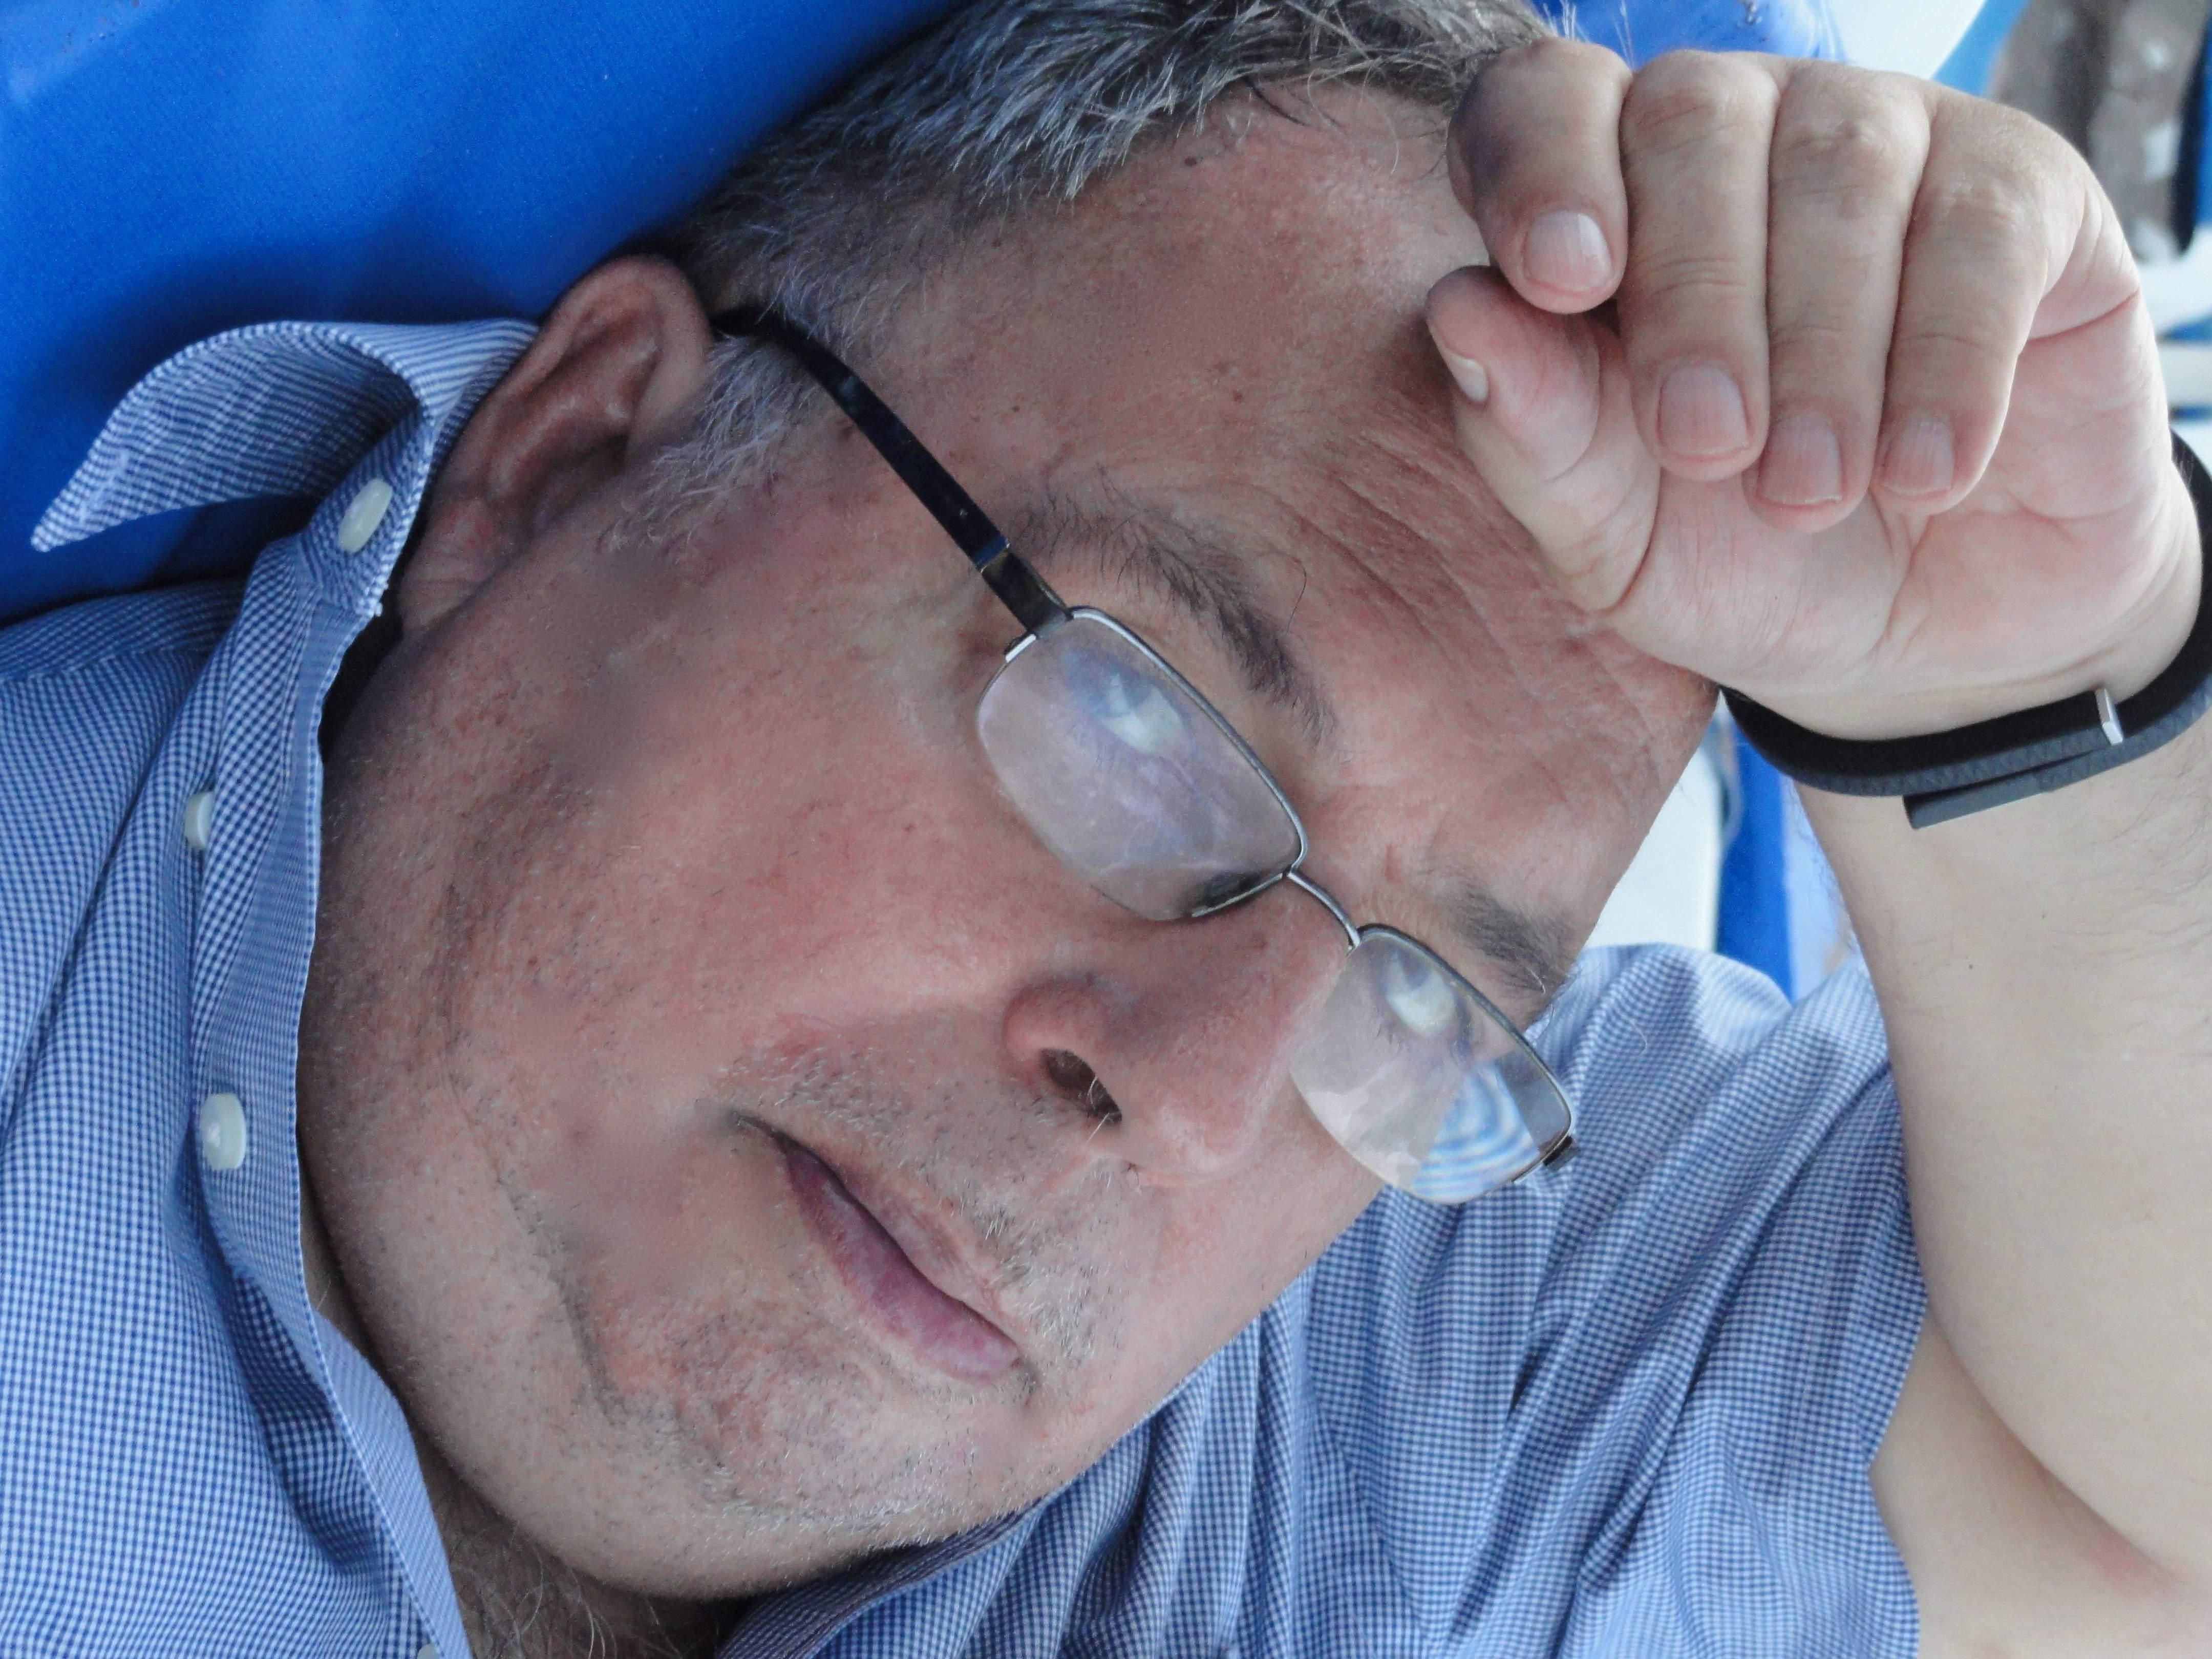 Profesor Michael Szporer: Misja Jana Karskiego powraca swoją aktualnością dziś, kiedy świat pozostaje bezradny wobec wydarzeń na Ukrainie...